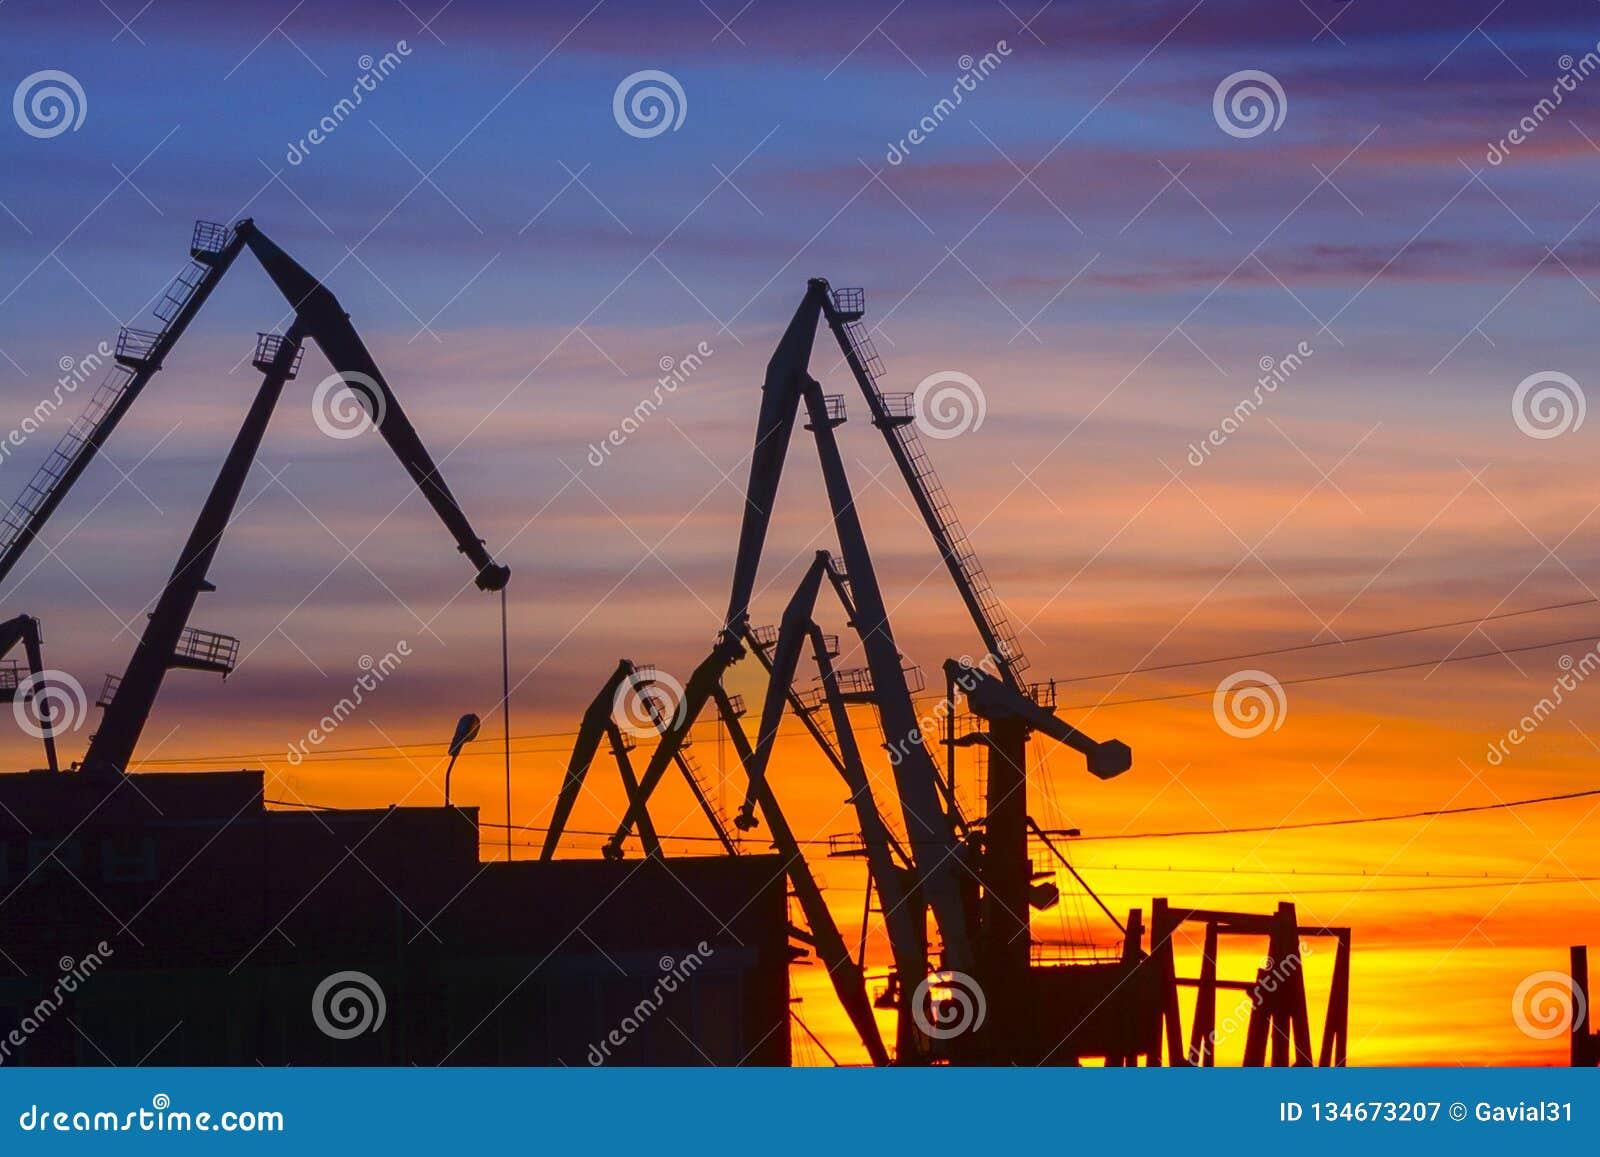 Portkräne auf dem Hintergrund des Sonnenuntergangs